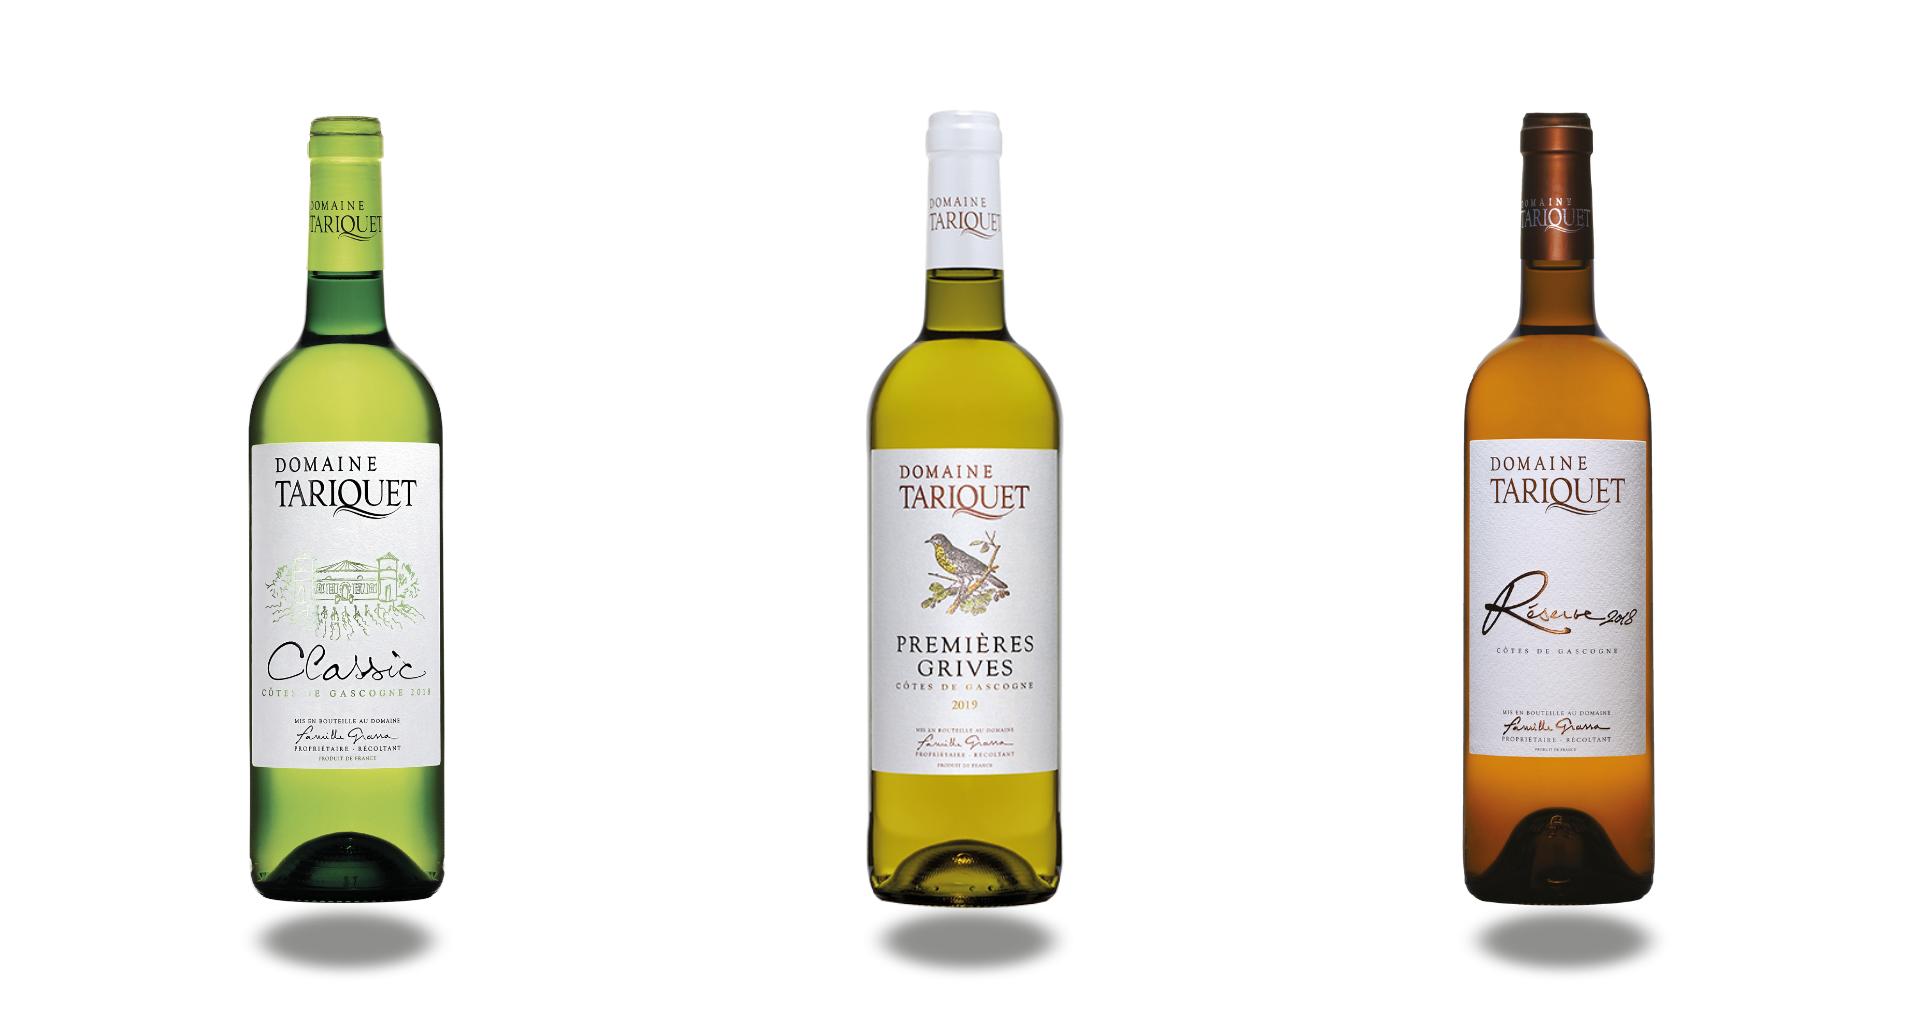 Les vins du Domaine Tariquet en vente chez CAVAVIN